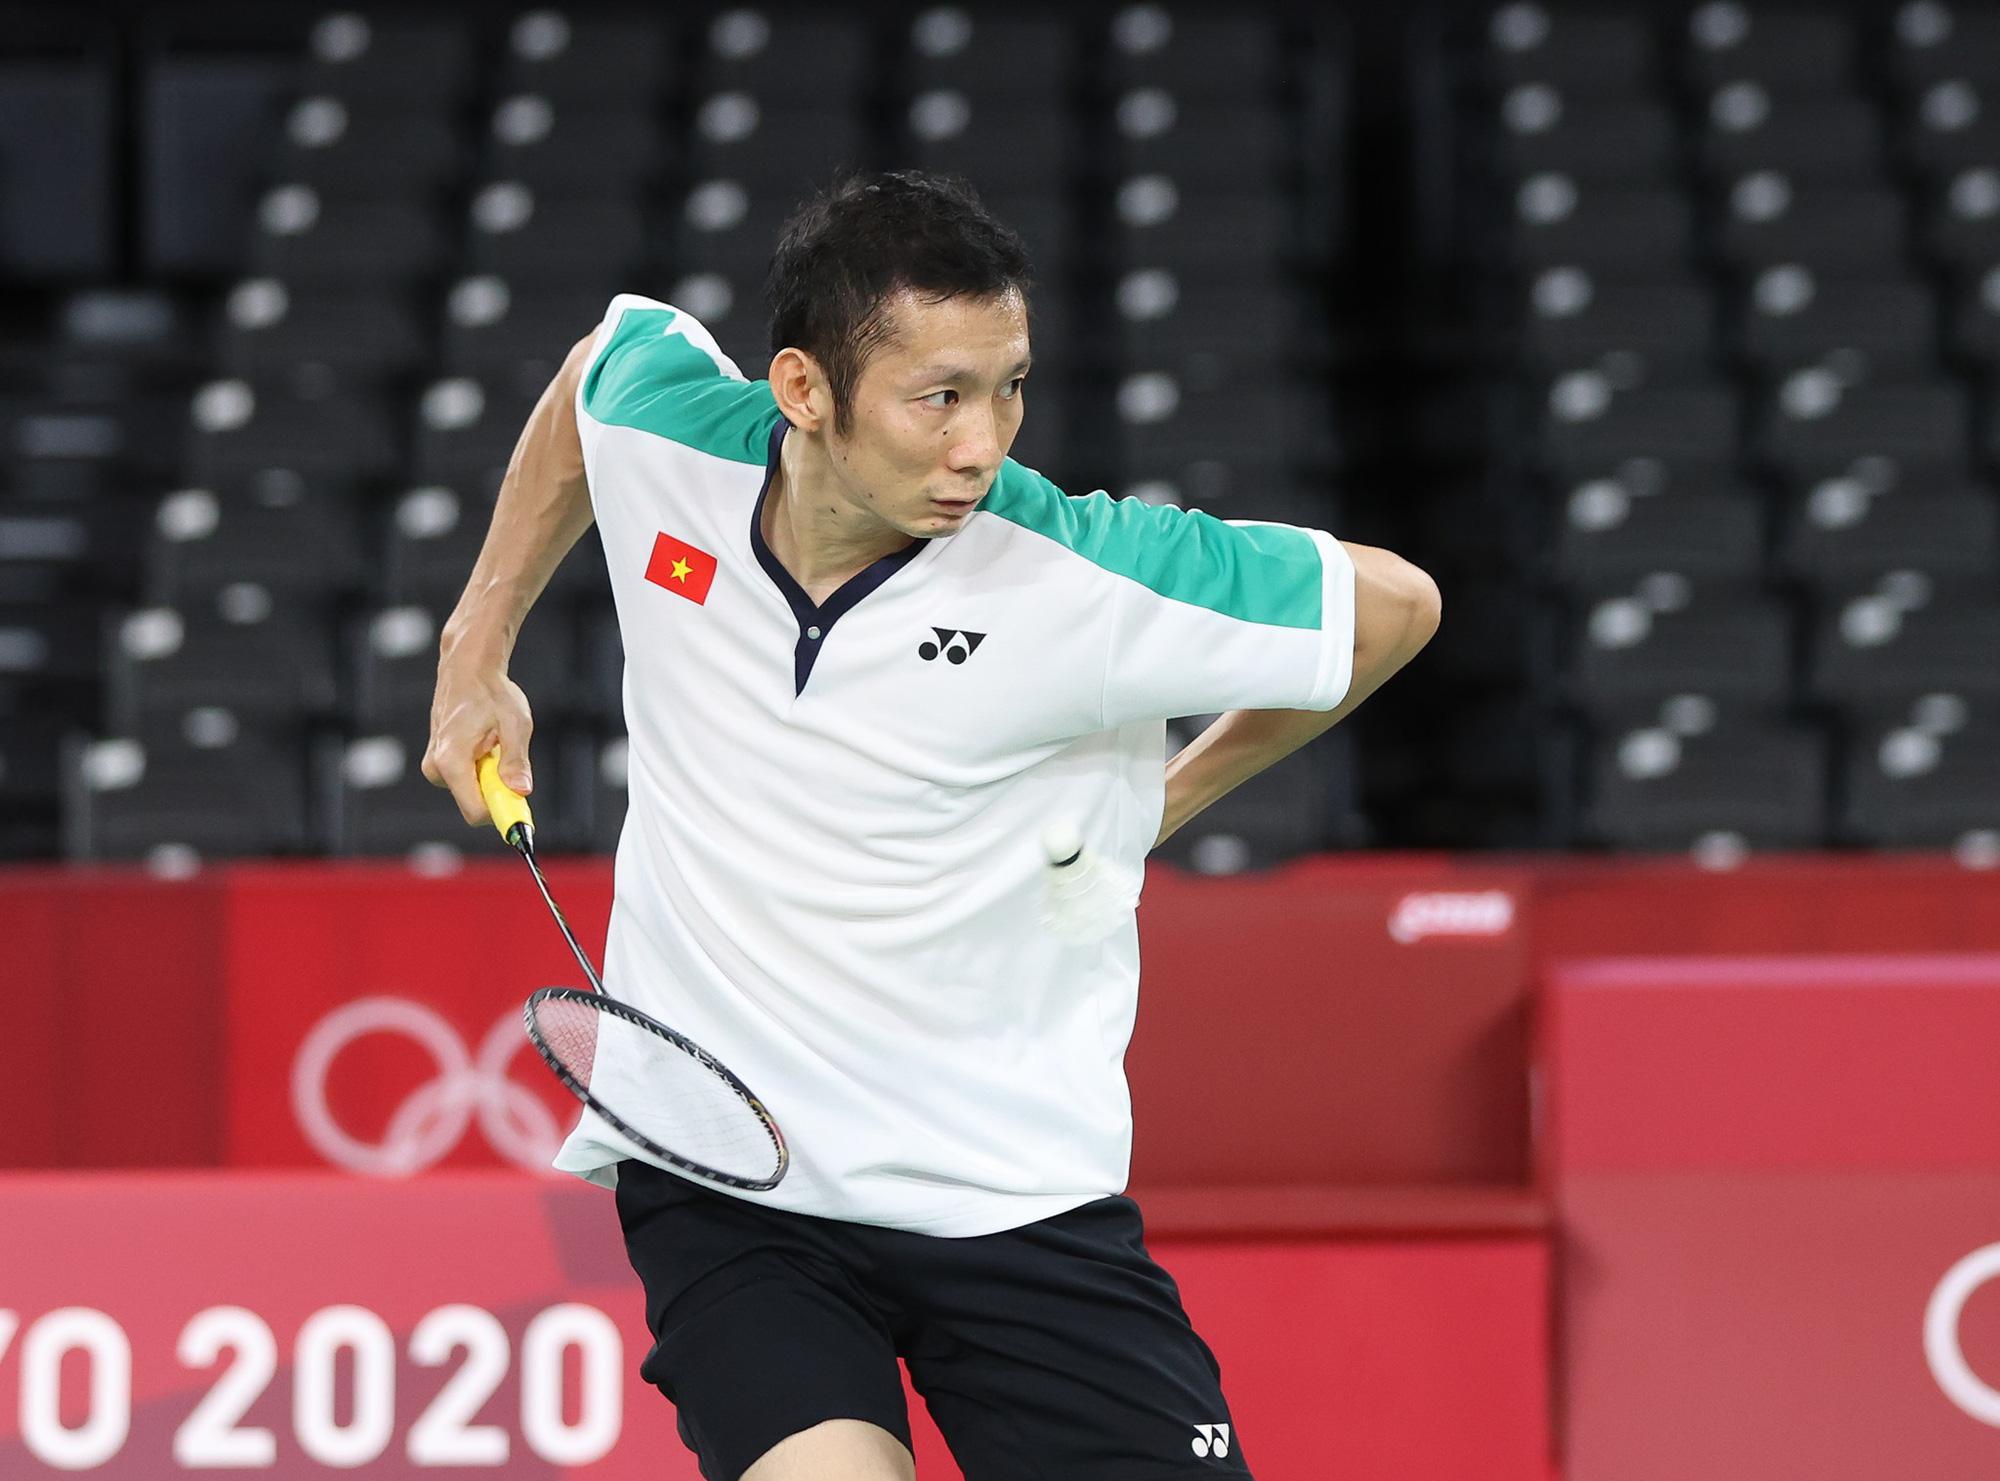 VĐV Nguyễn Tiến Minh nhận lời khen ngợi đặc biệt từ Liên đoàn cầu lông thế giới tại Olympic Tokyo 2020 - ảnh 5